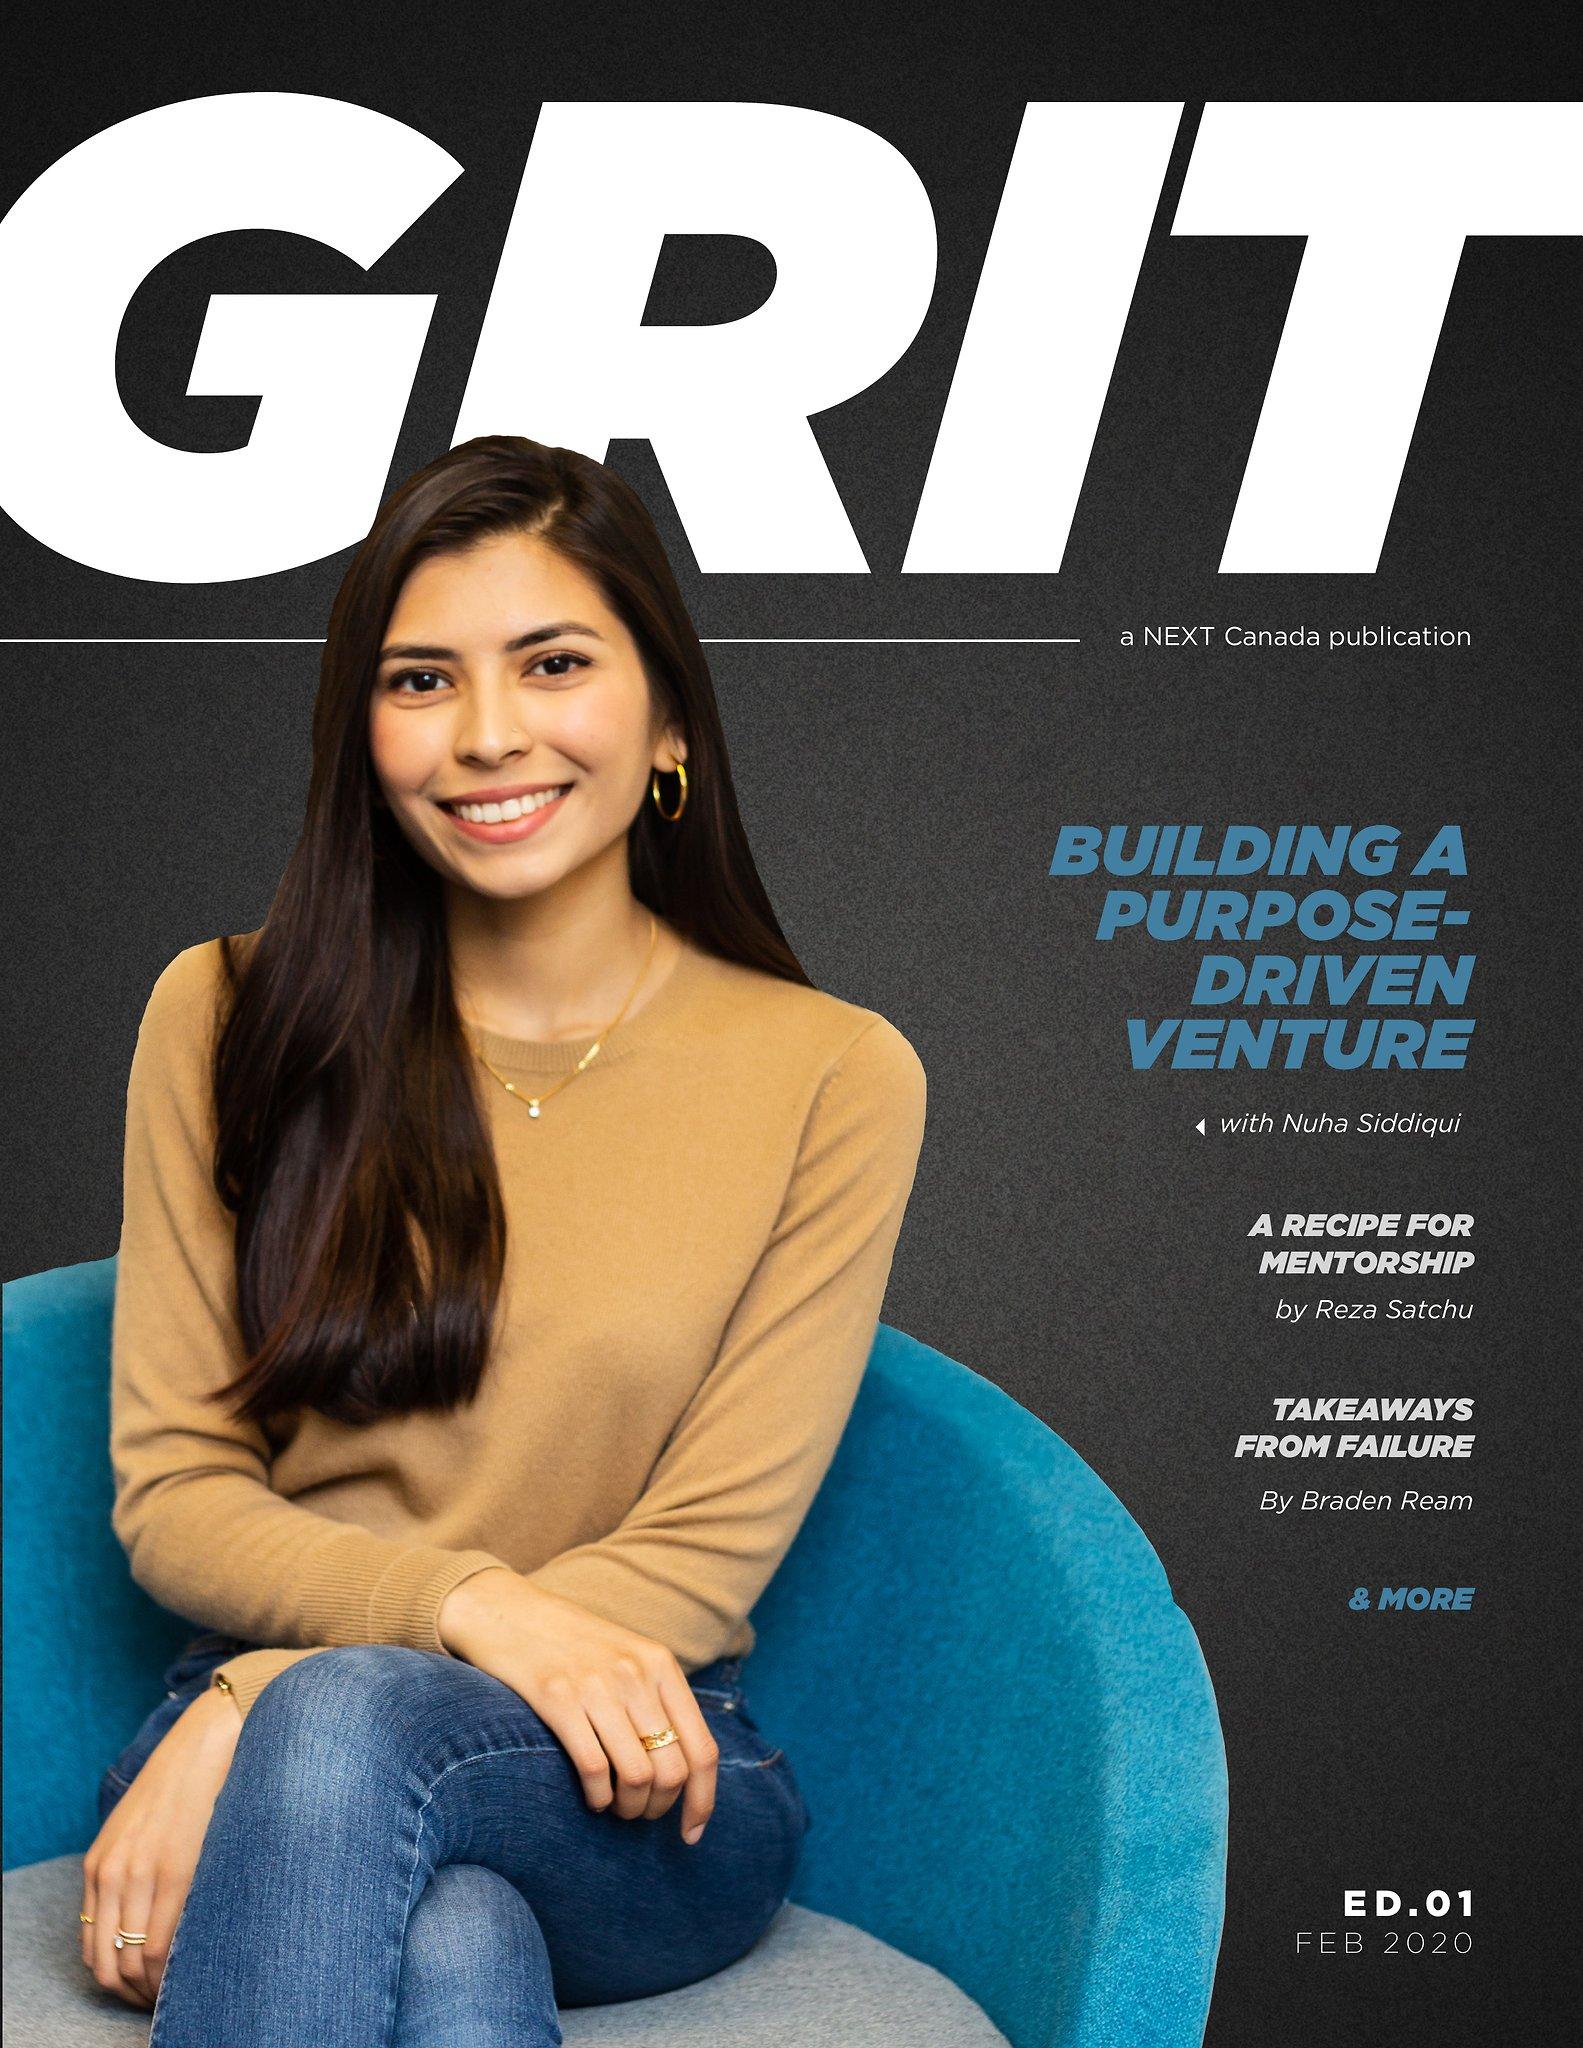 GRIT: A NEXT Canada Publication